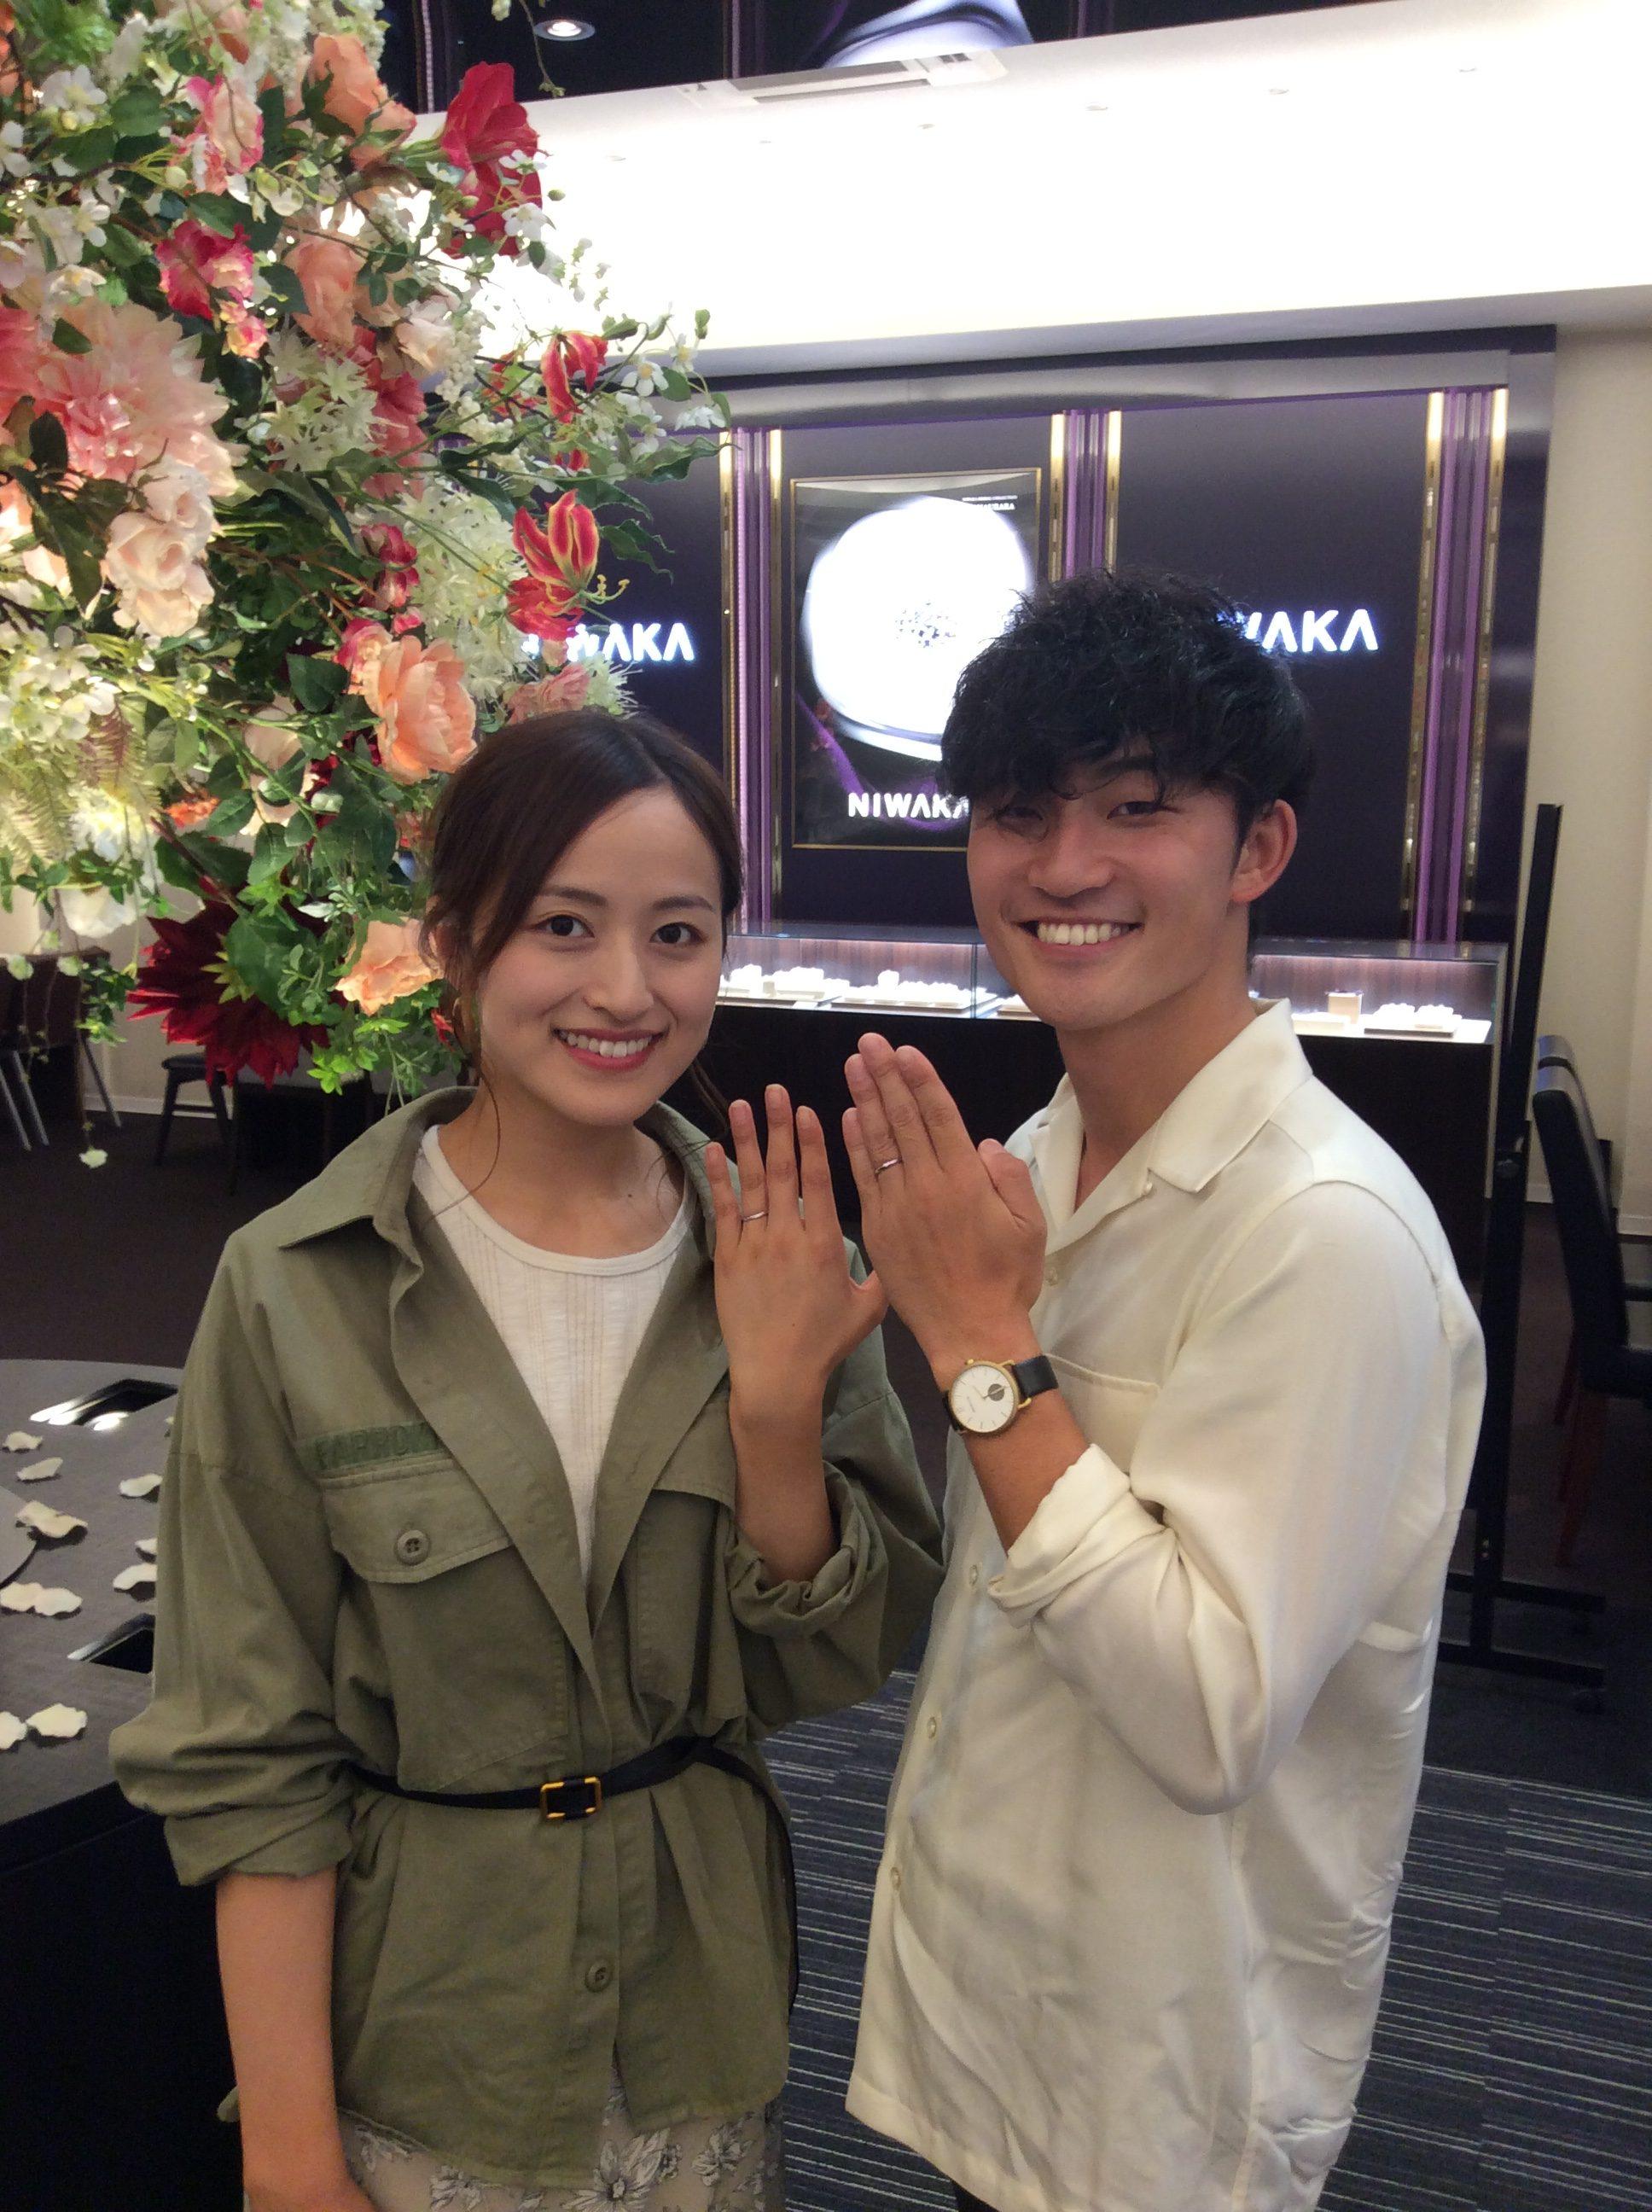 【新潟市】俄(にわか)/NIWAKA 結婚指輪「朝葉」とセットリングの美しさ|山田烈矢様・利根川奈央様